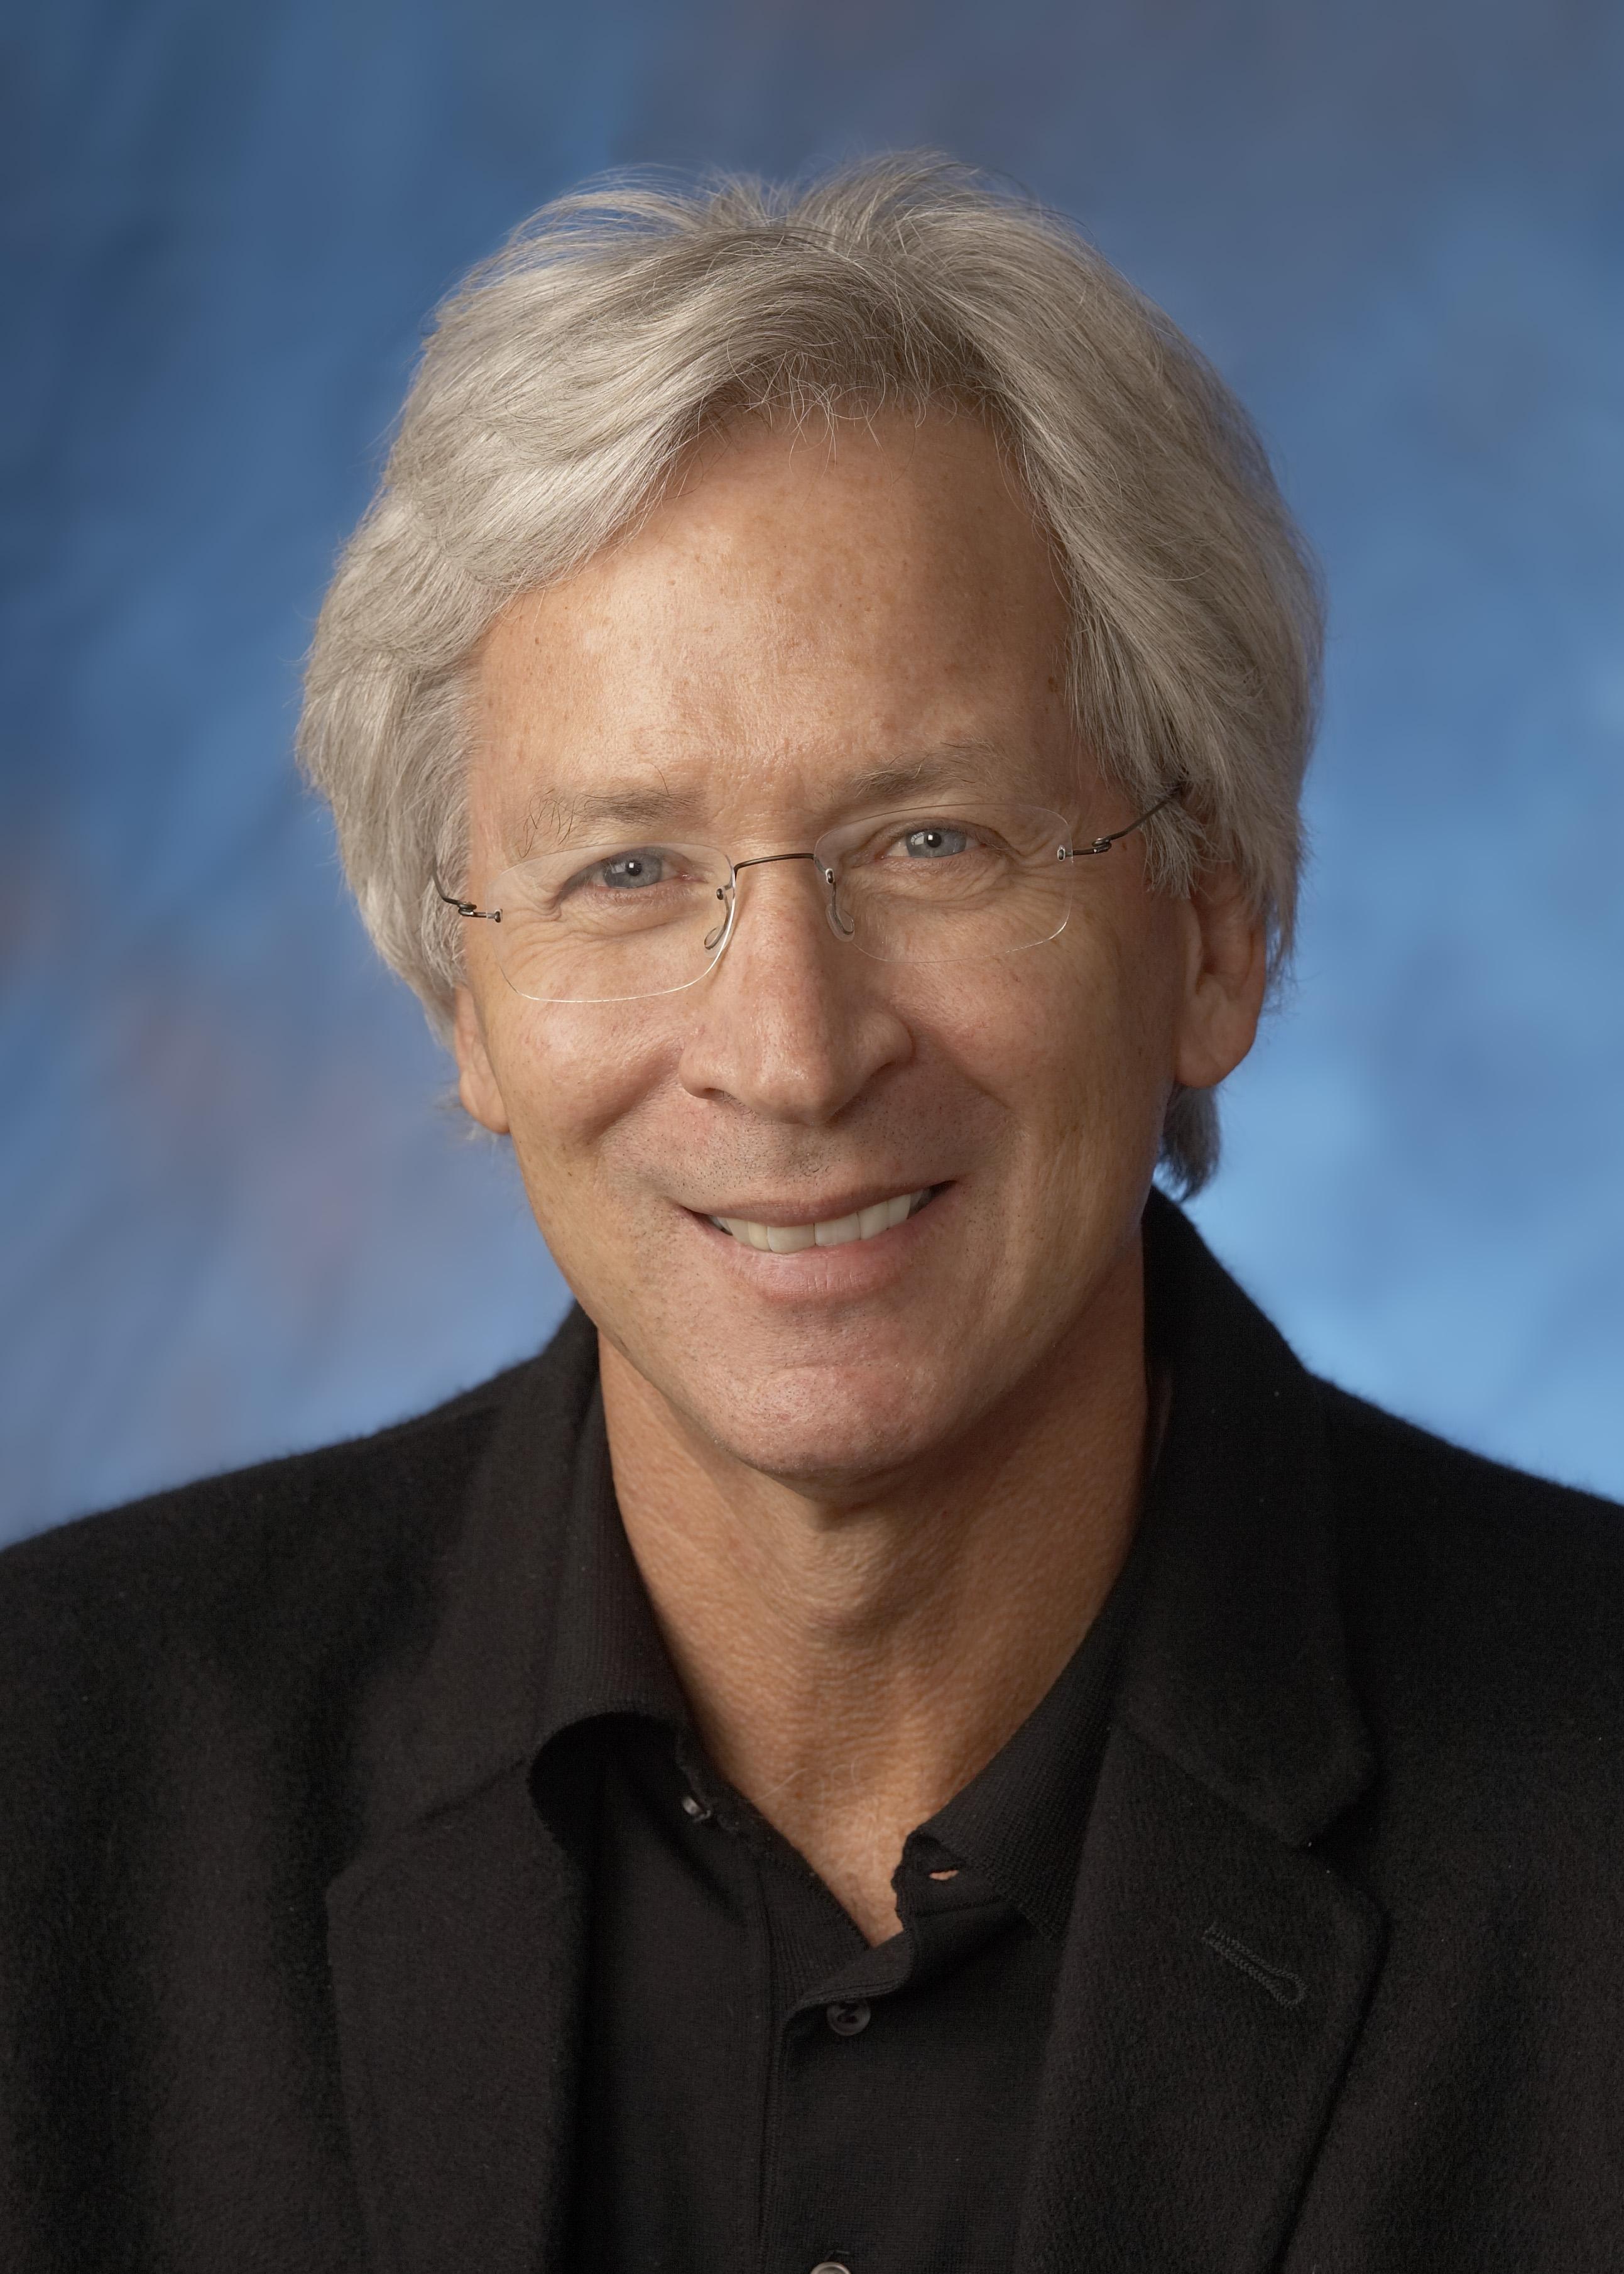 Jonathan Schiller '69, '73L